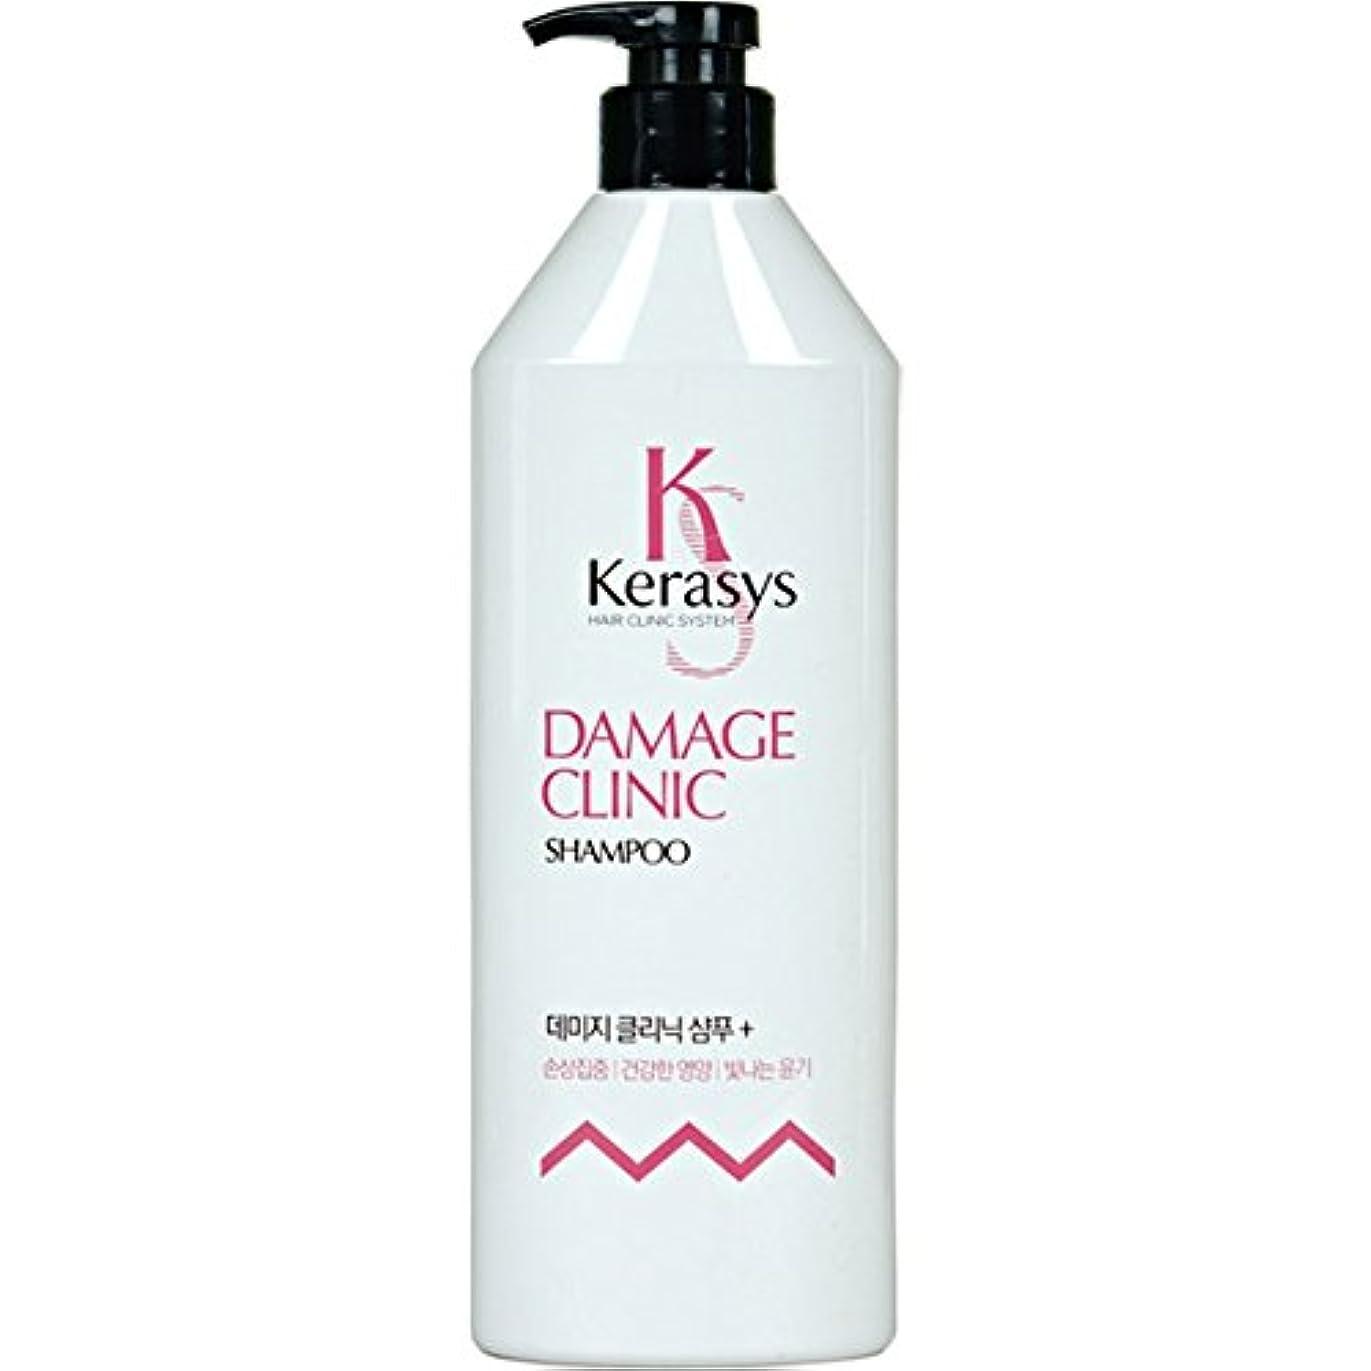 灰みぞれ福祉[Kerasys] ケラシス ダメージクリニック シャンプー 750ml Damage Clinic Shampoo [海外直送品]